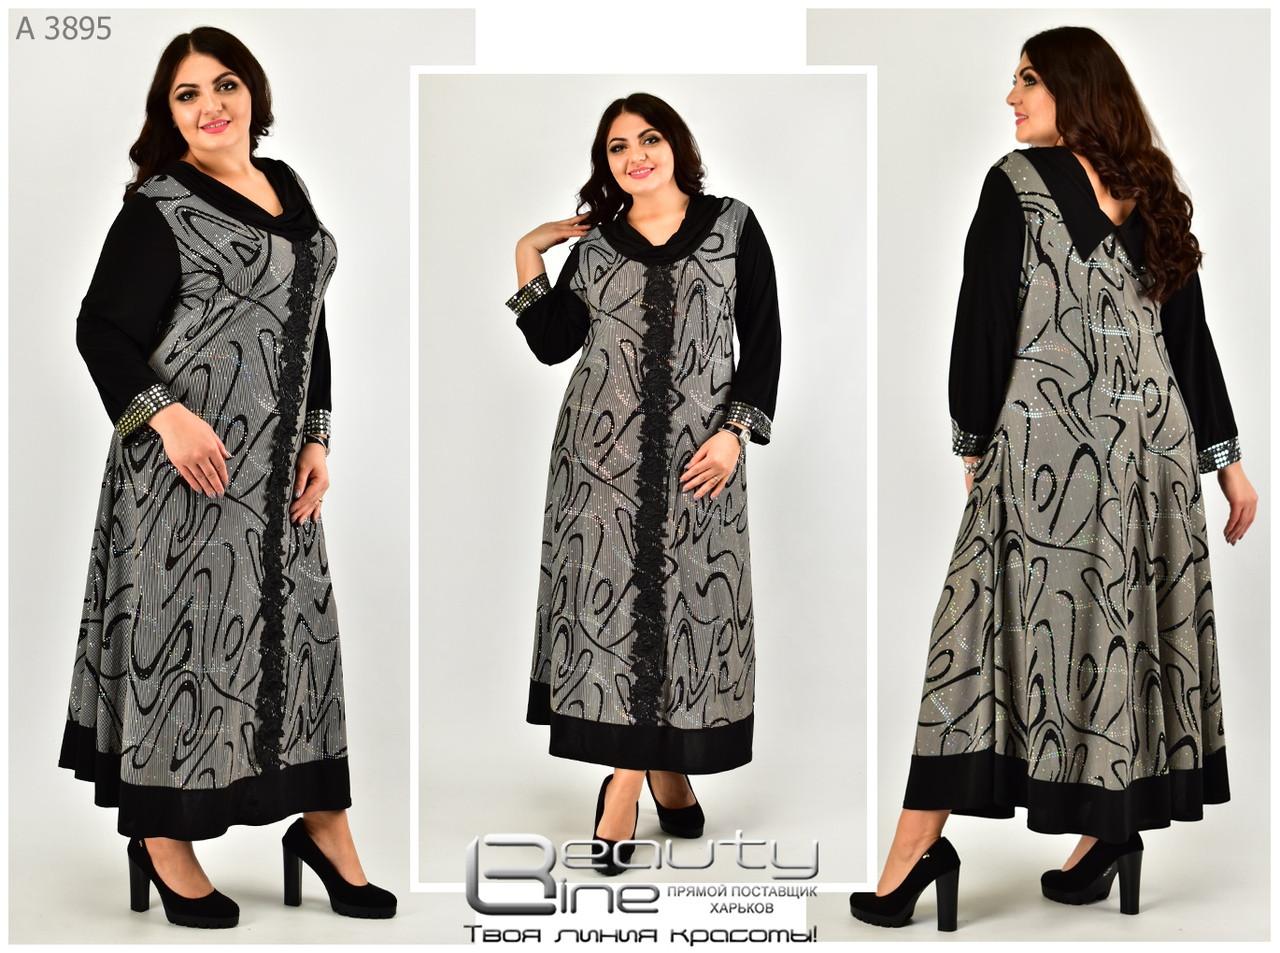 8a2ab63ae1a Праздничное нарядное вечернее платье на торжество Размеры 62.64.66.68 -  Интернет-магазин